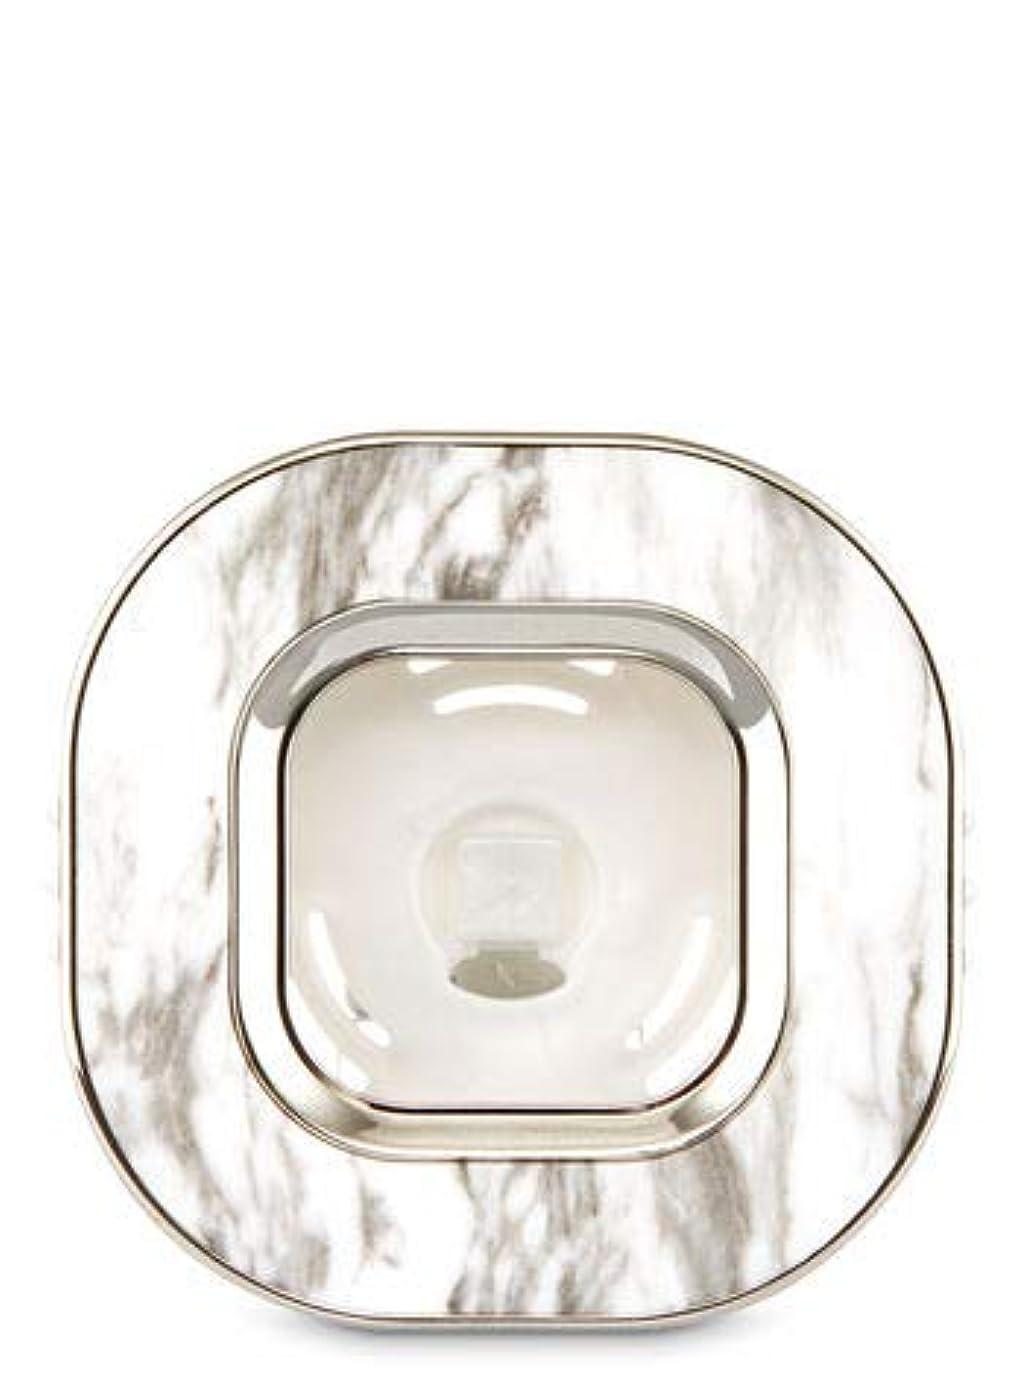 メーカー辛な師匠【Bath&Body Works/バス&ボディワークス】 車用芳香剤 セントポータブル ホルダー (本体ケースのみ) マーブルスクエアー Scentportable Holder Marble Square Vent Clip [並行輸入品]